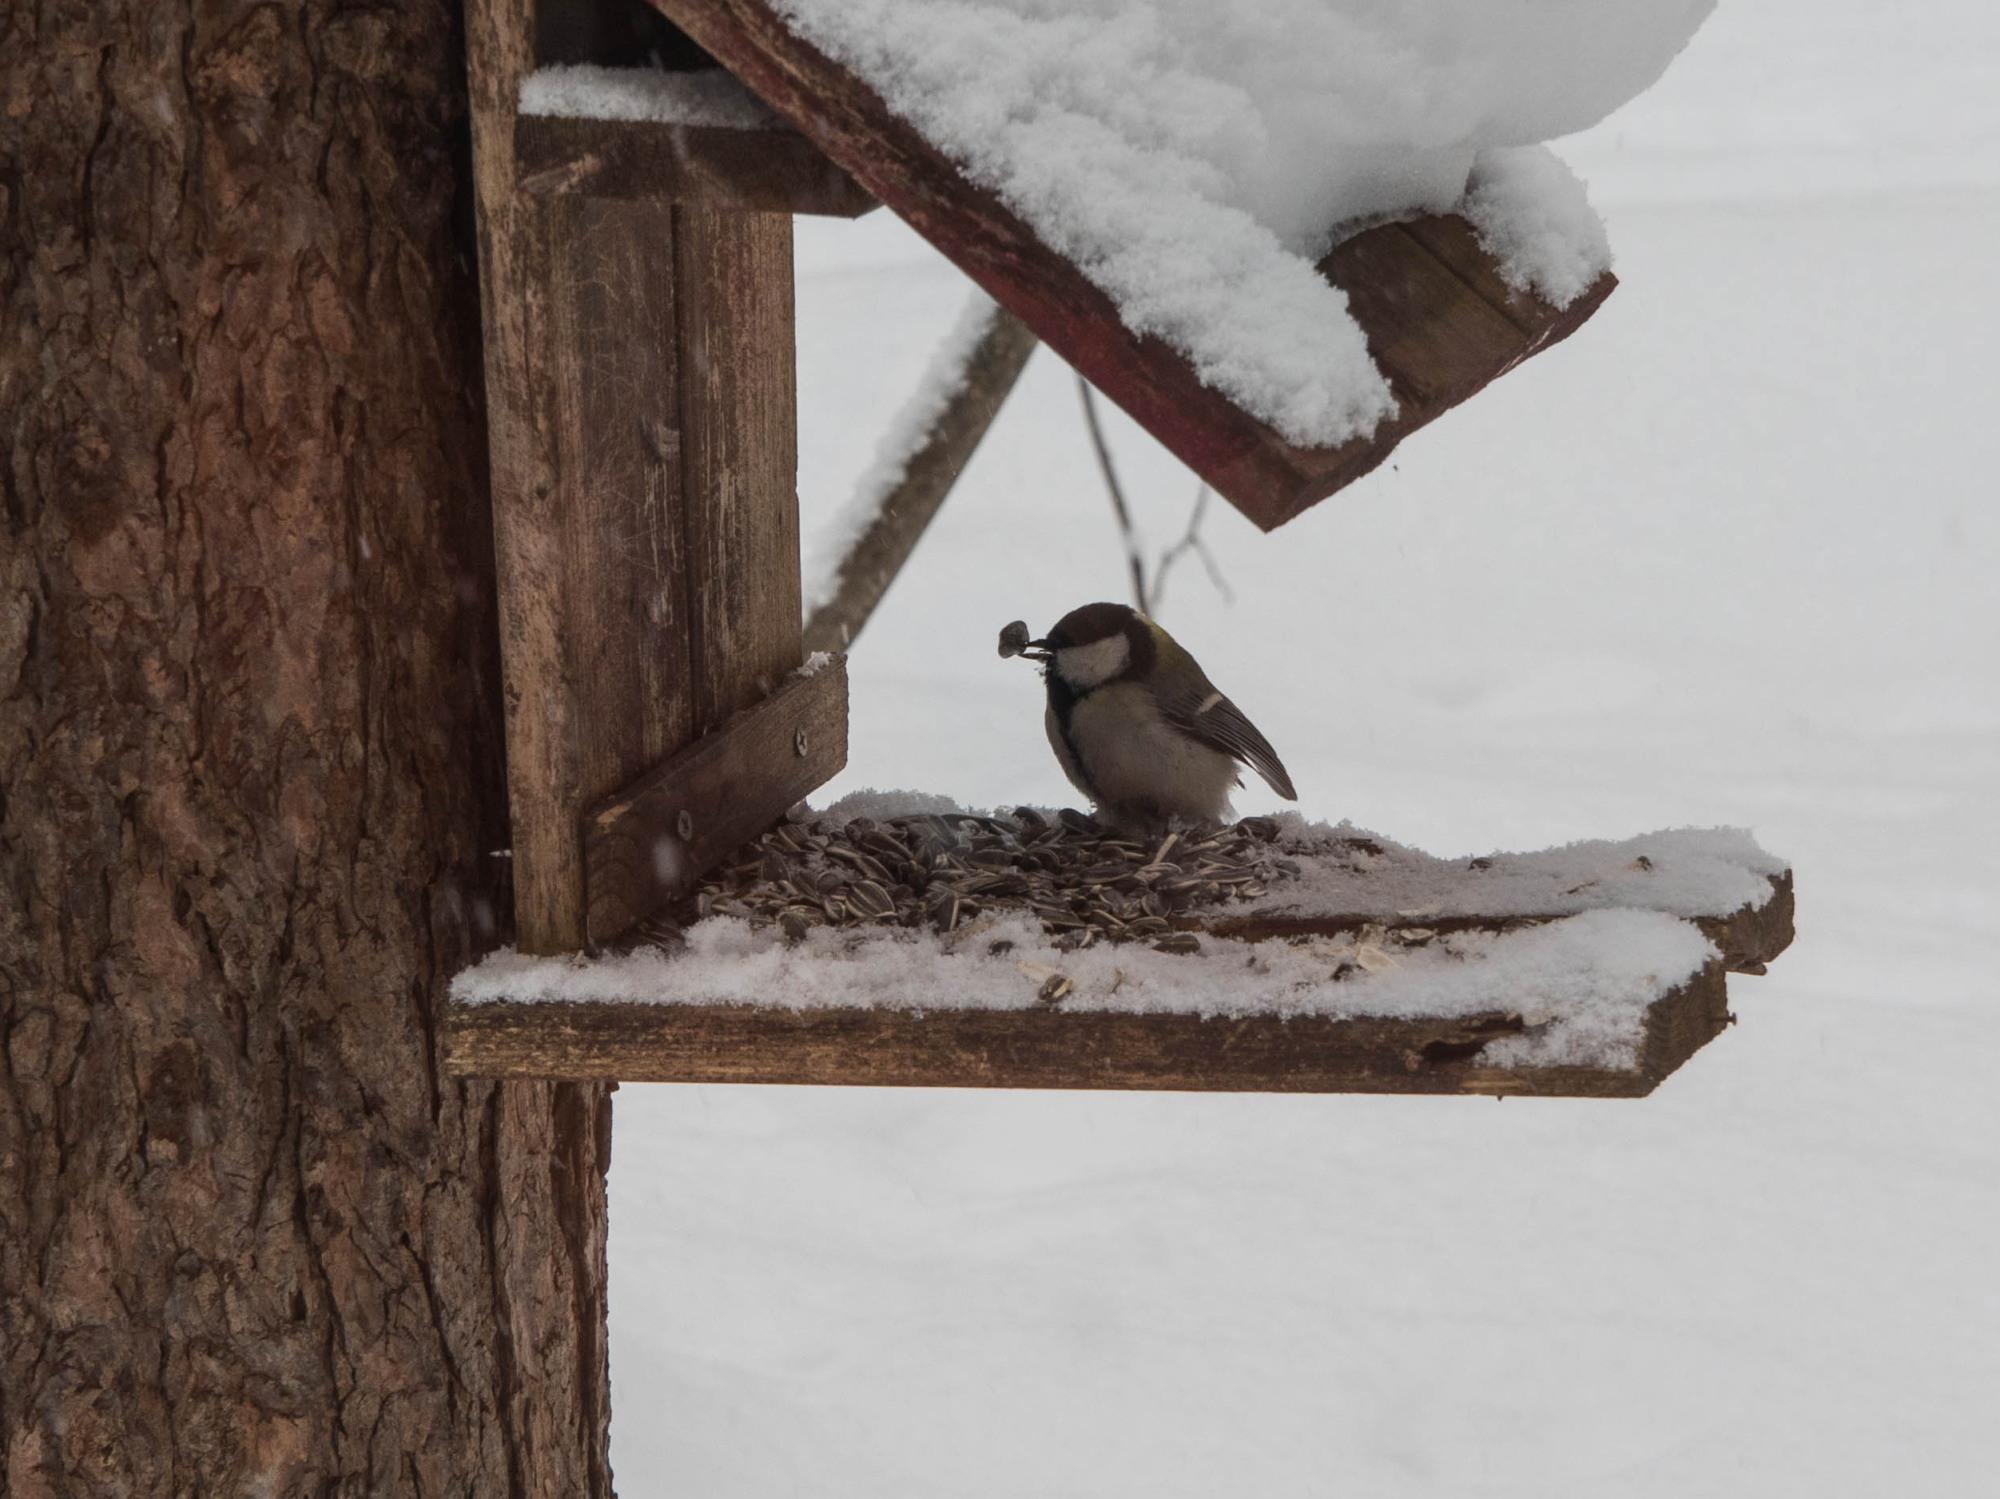 雪まみれのエゾリス君の後・・真っ赤なオオマシコさんがやって来ました。_f0276498_00392573.jpg